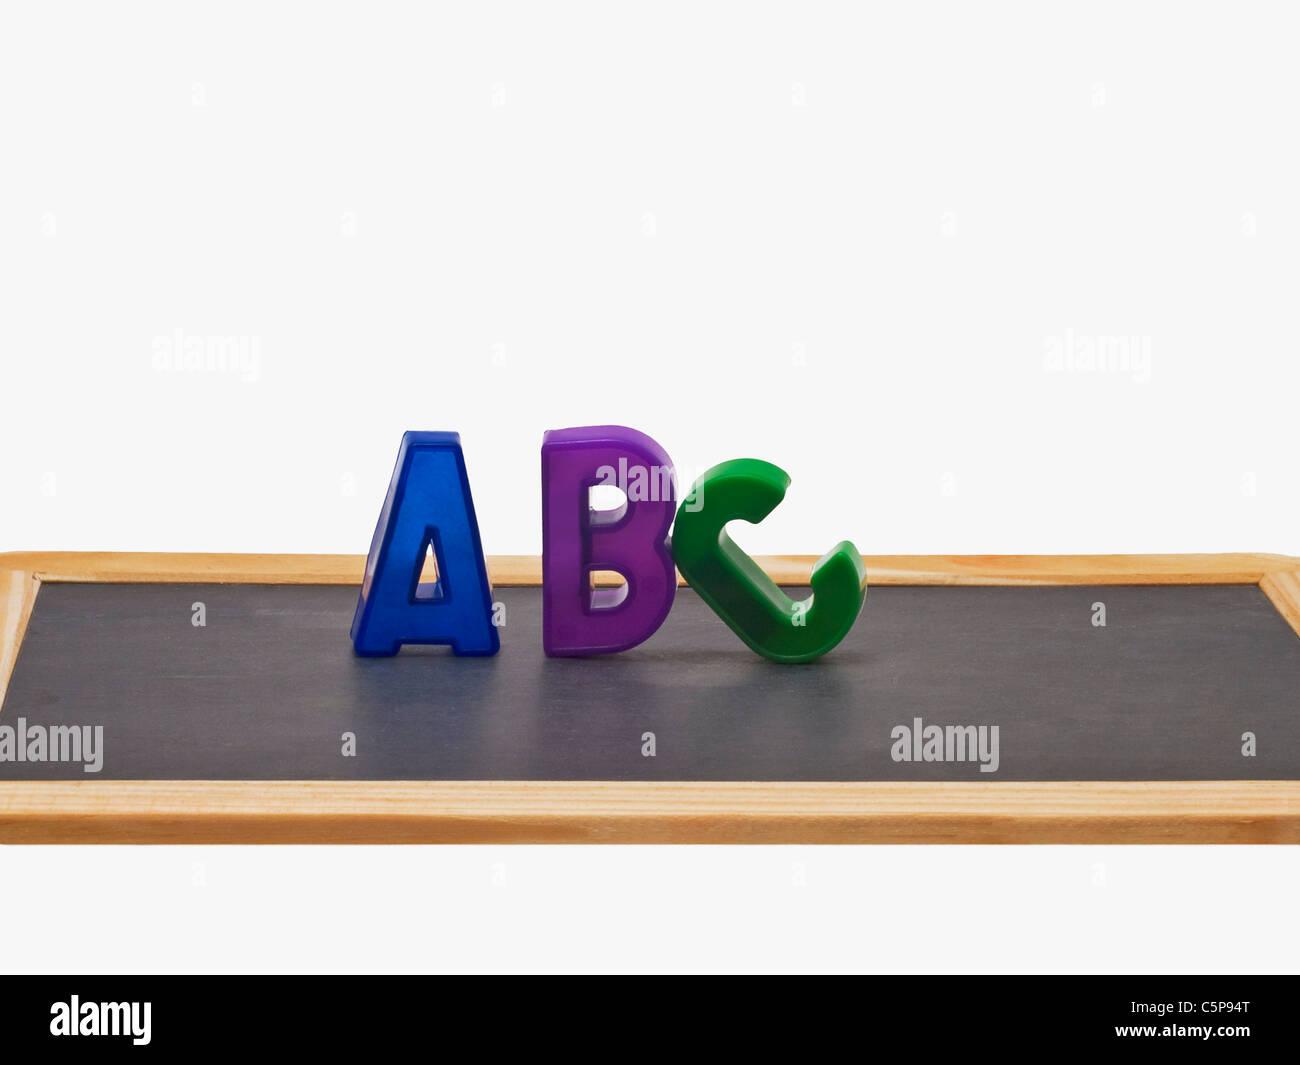 Auf einer Schiefertafel stehen die Buchstaben A, B, C | on a slate are A, B, C upright - Stock Image